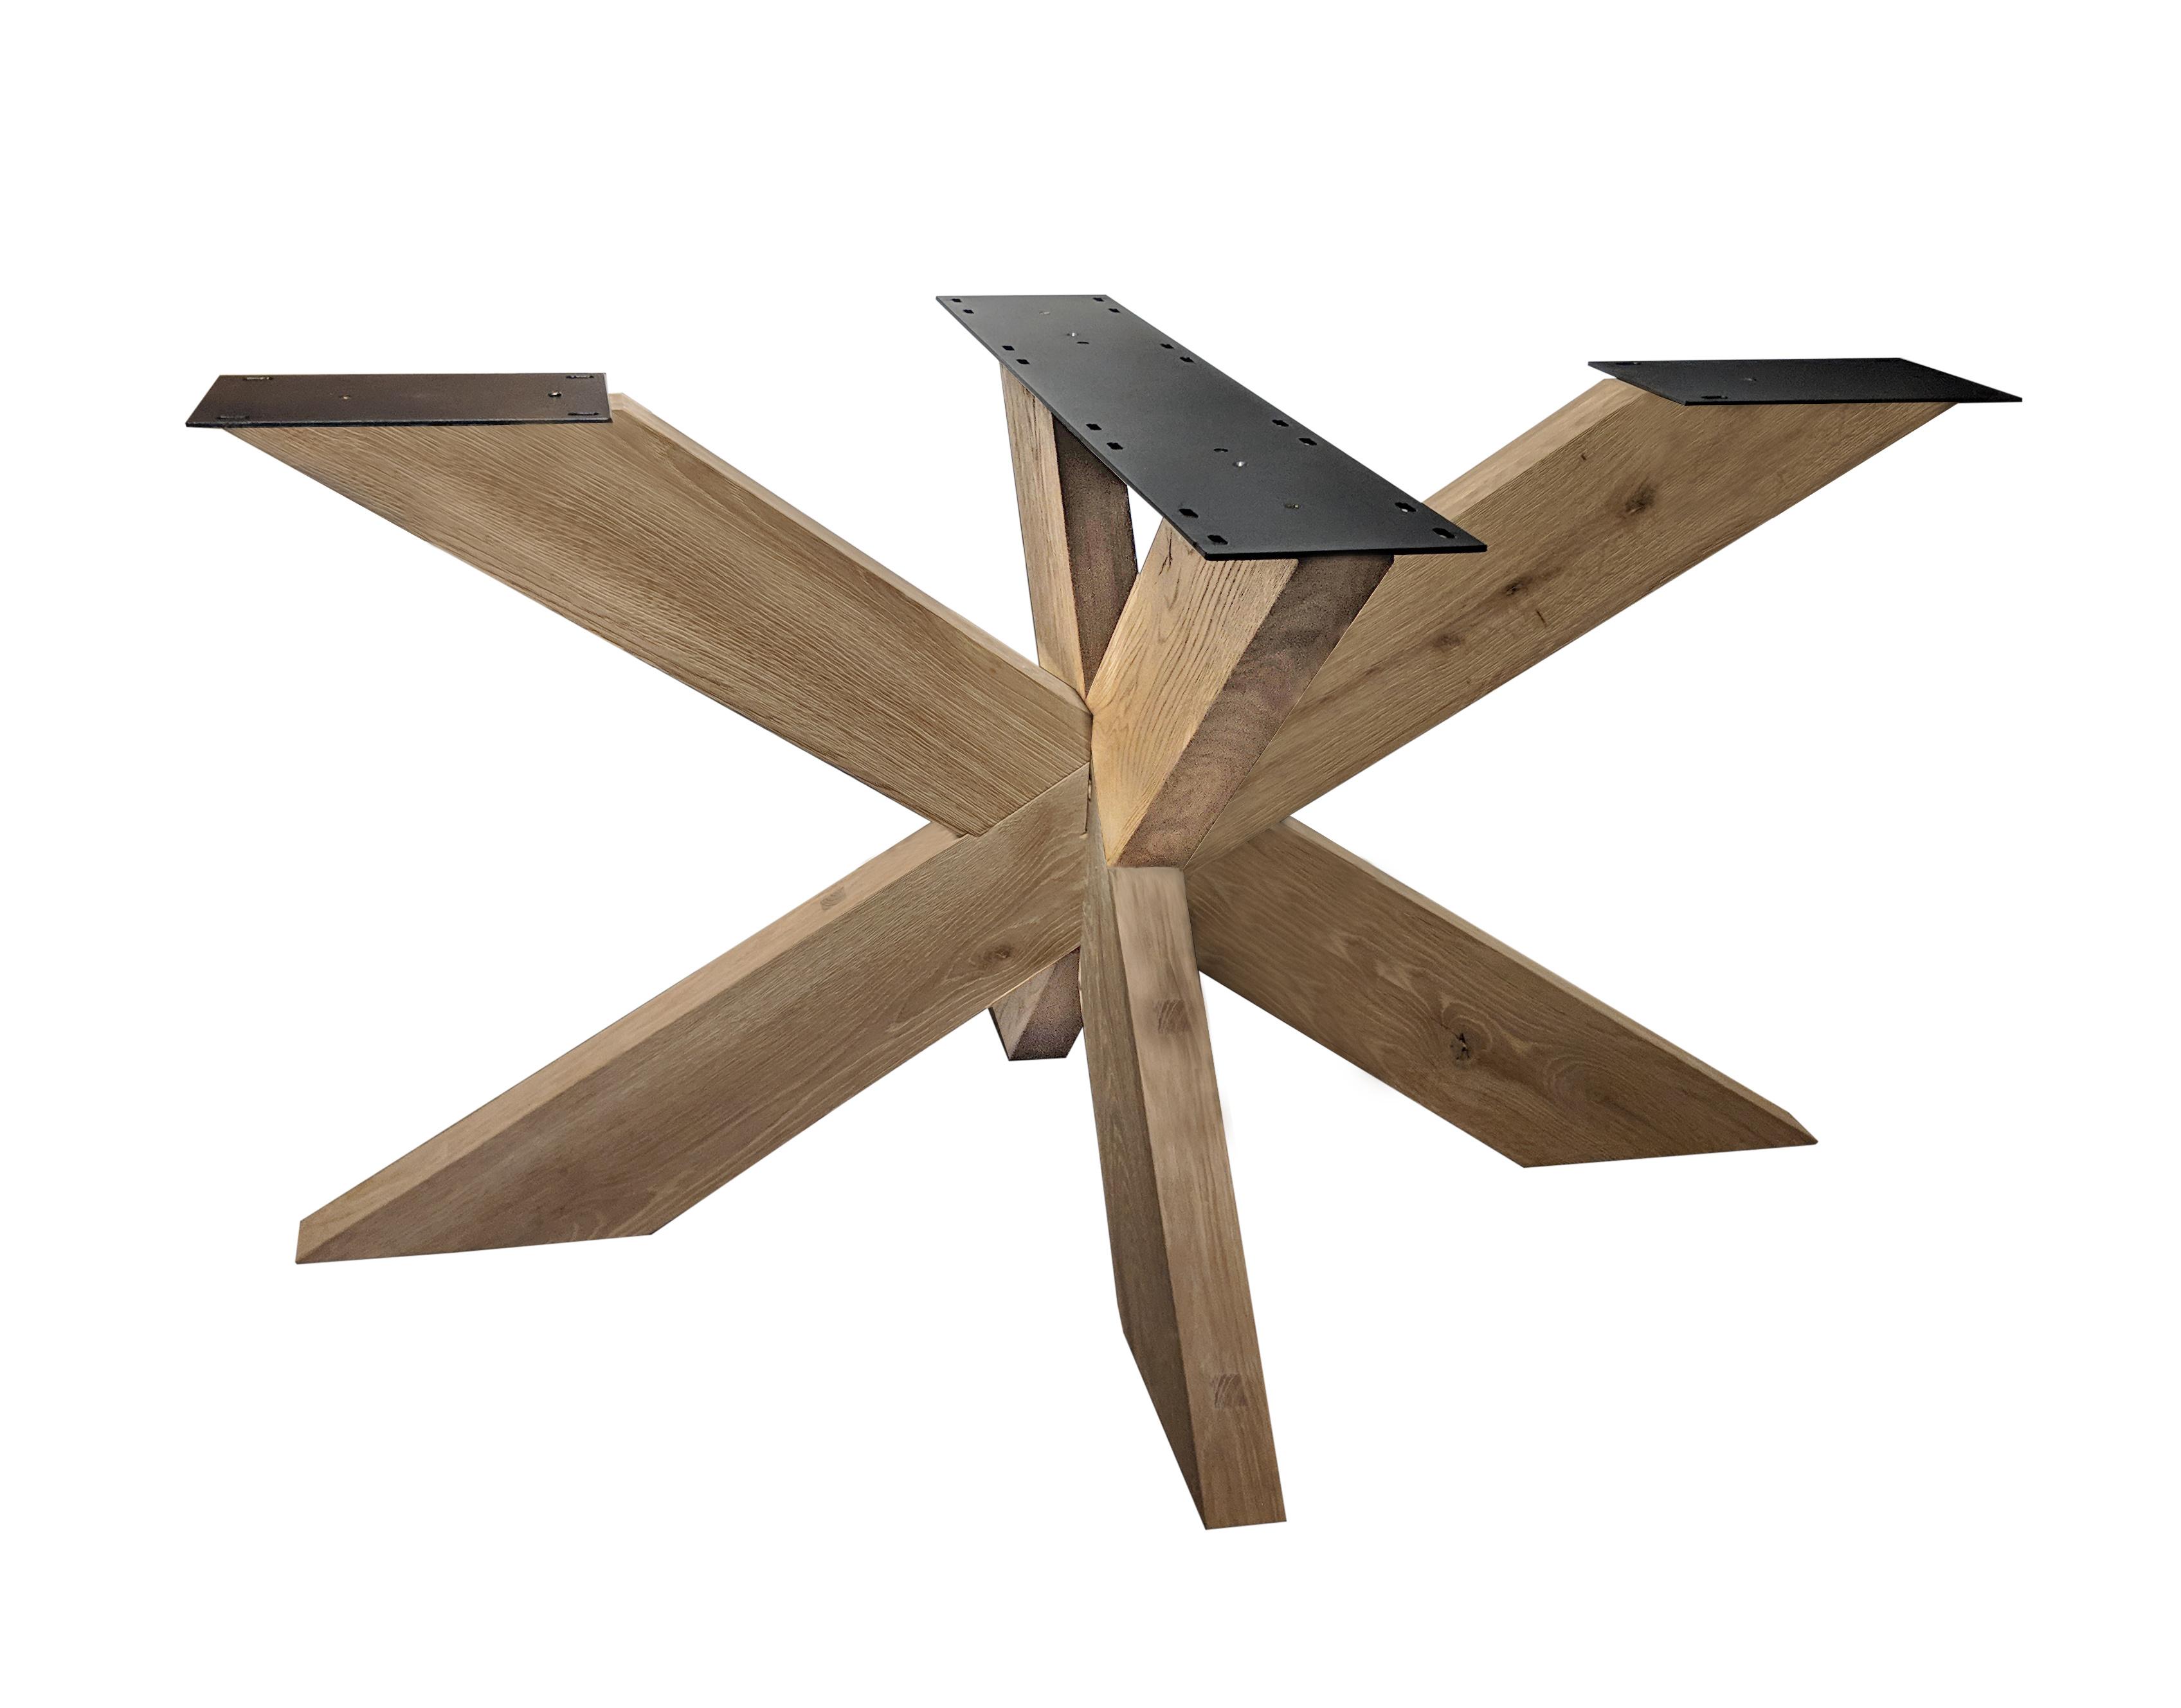 Tischgestell Eiche Spider 6x16 cm - 90x140 cm  - 72 cm hoch - Eichenholz Rustikal - massives Tischunterstell Rechteck, oval & gross rund (Mittelfuß) - Künstlich getrocknet HF 12%